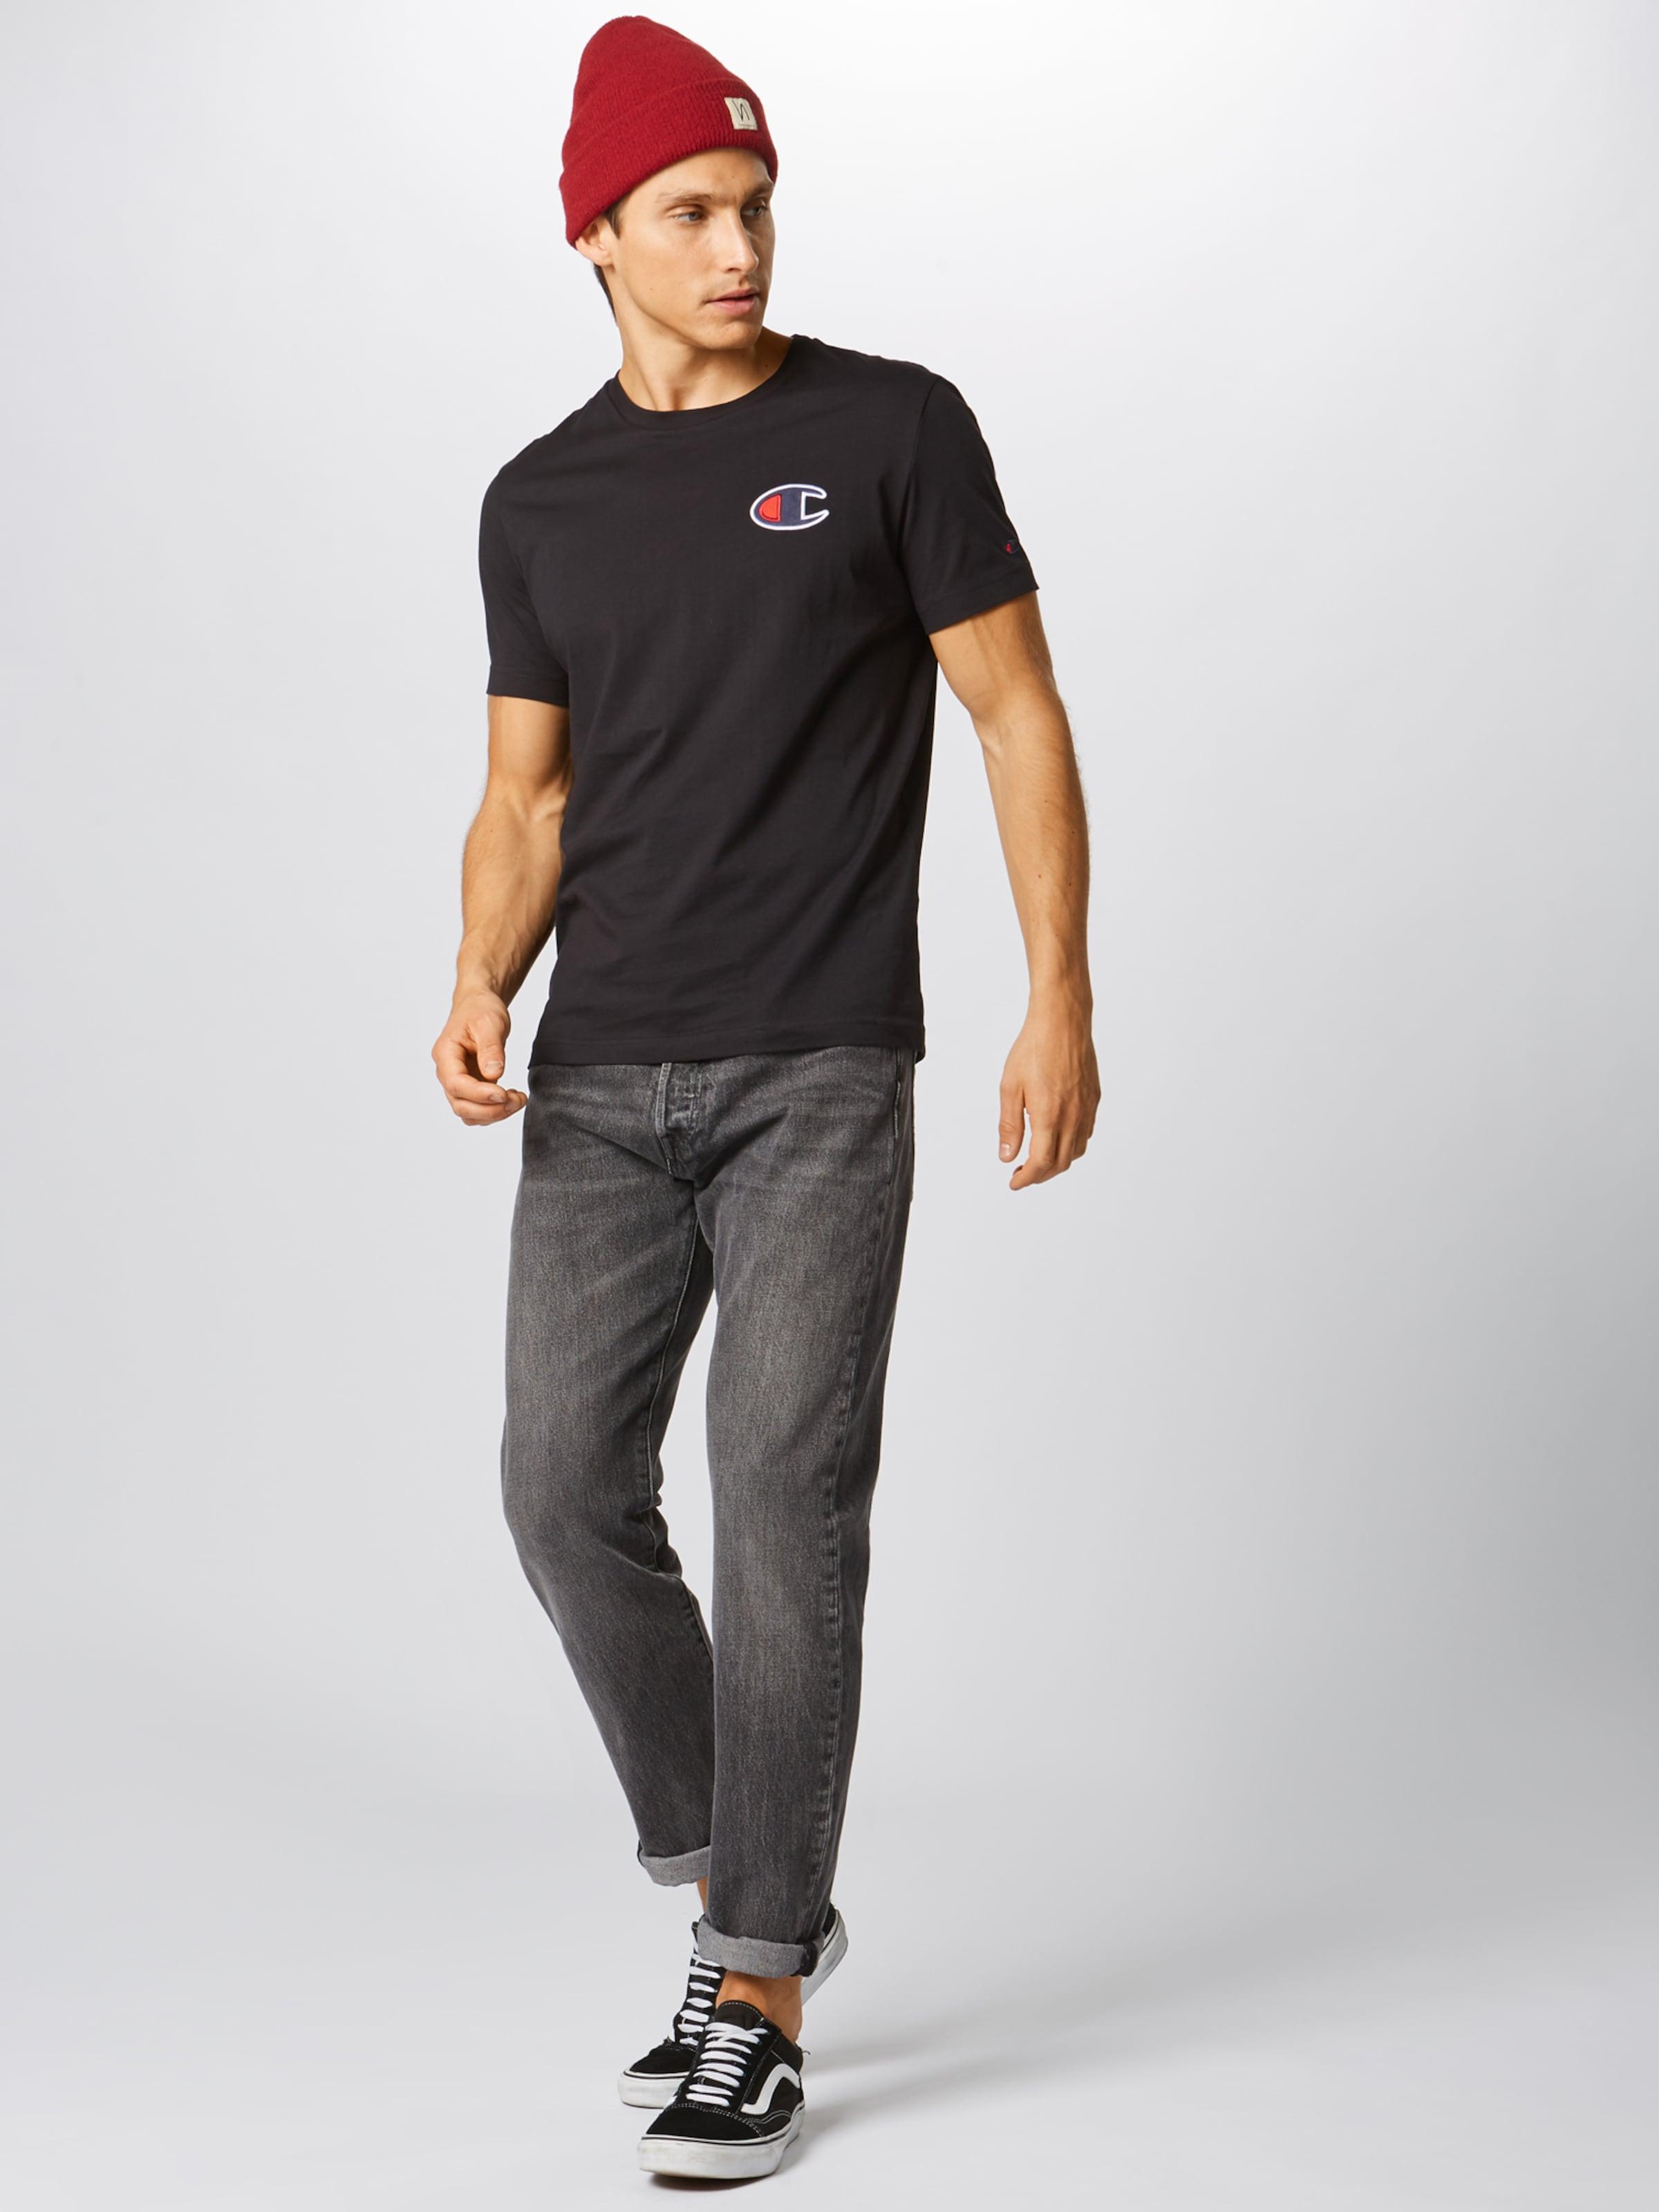 T 'crewneck' Champion Authentic En Noir shirt Athletic Apparel OZTwXikPu